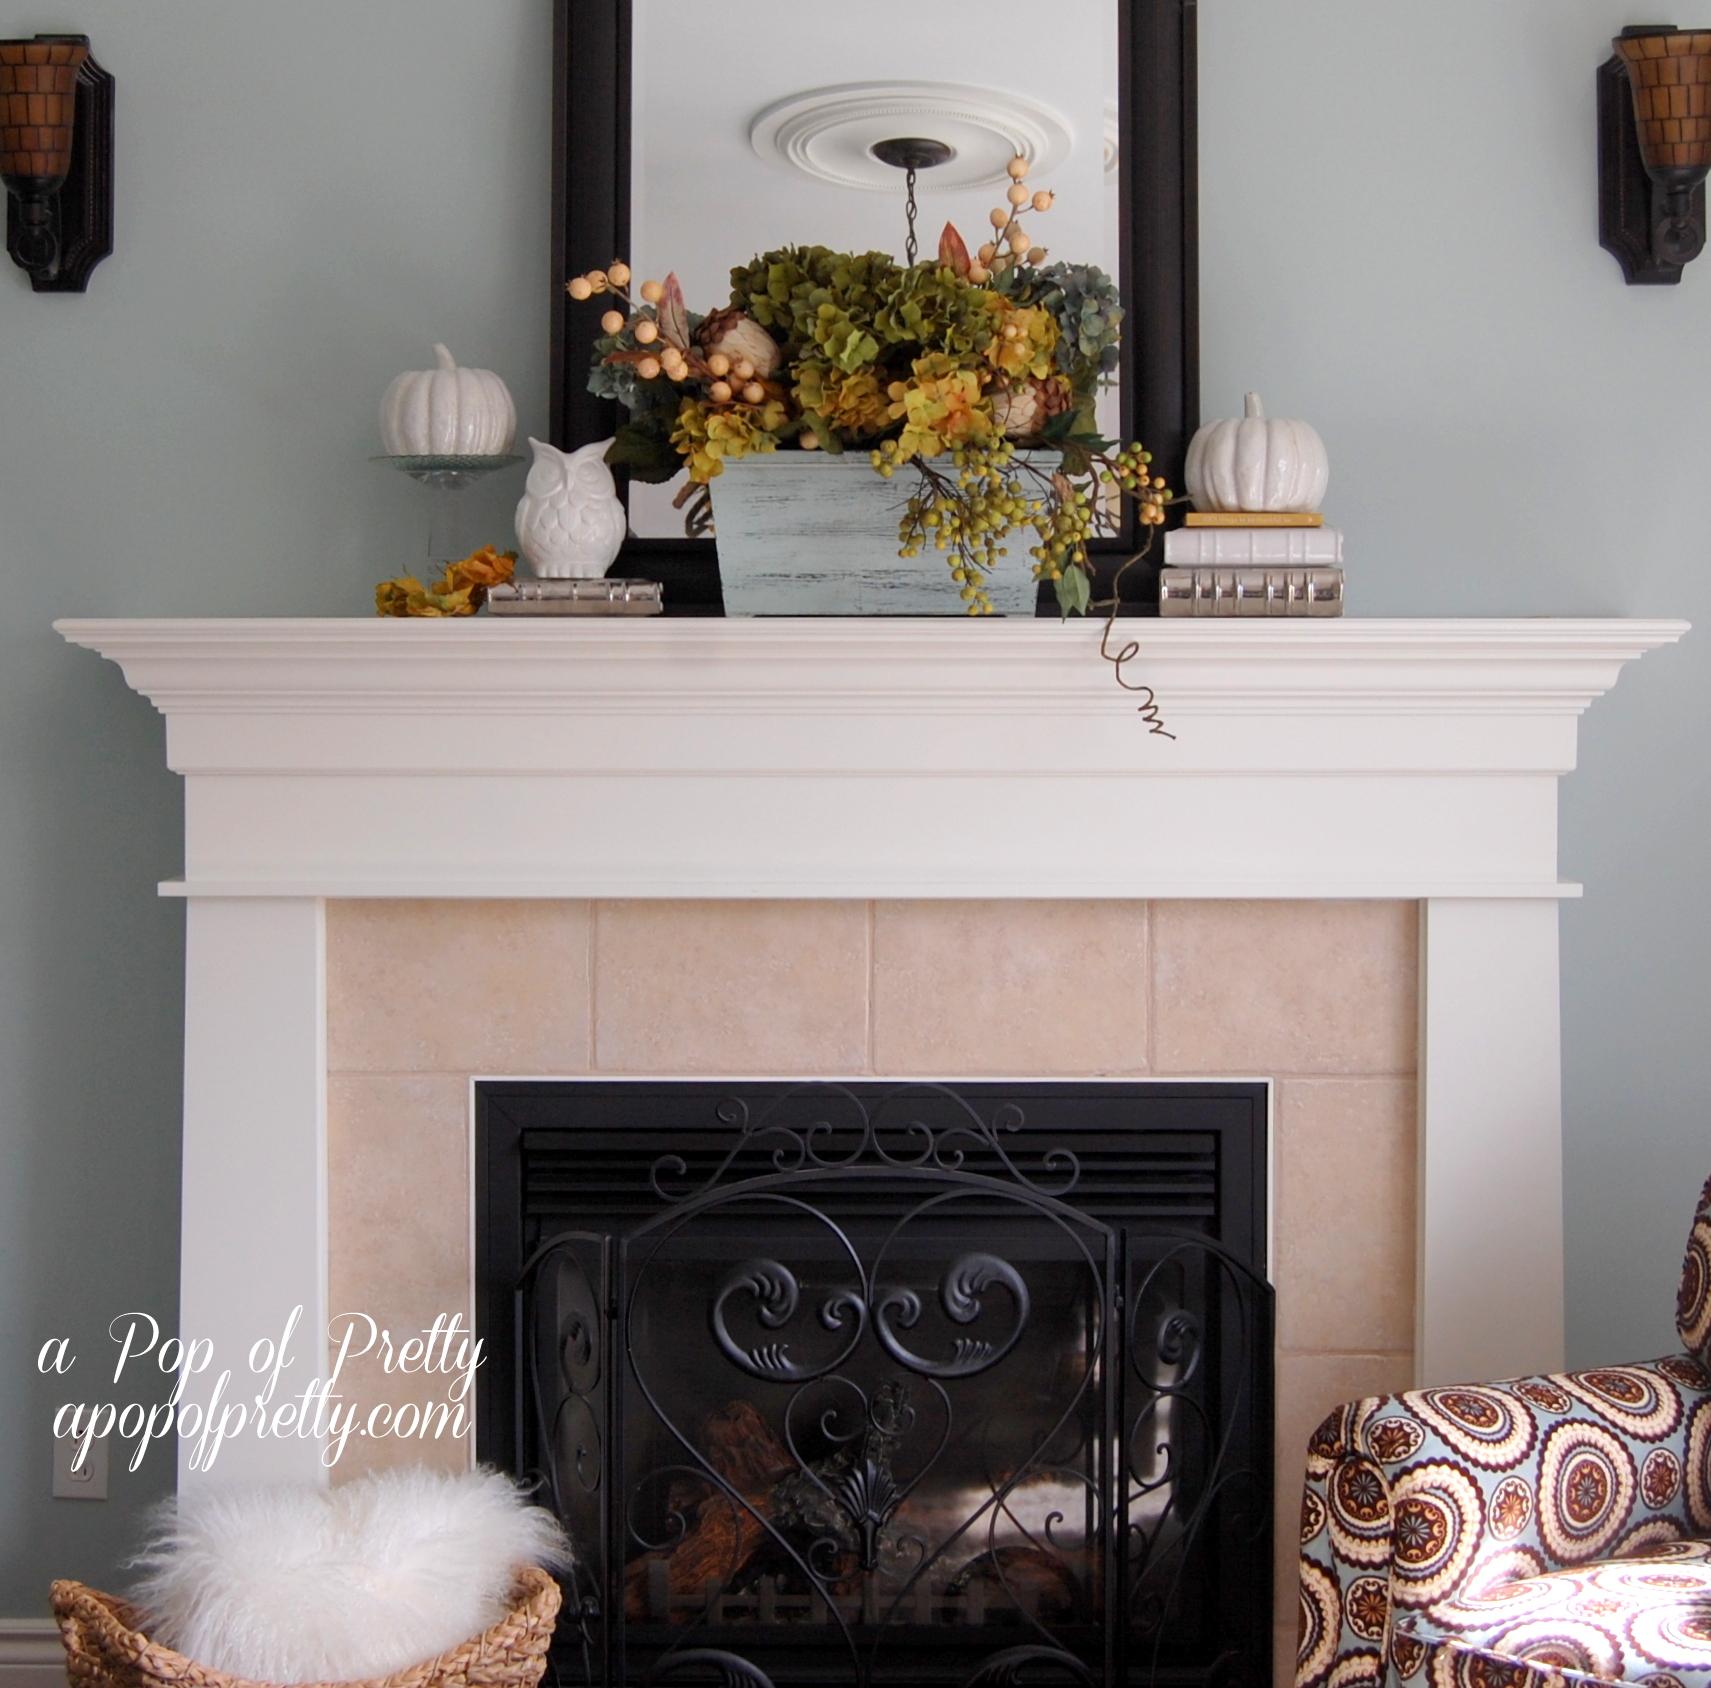 Canada Home Decor: A Pop Of Pretty Blog (Canadian Home